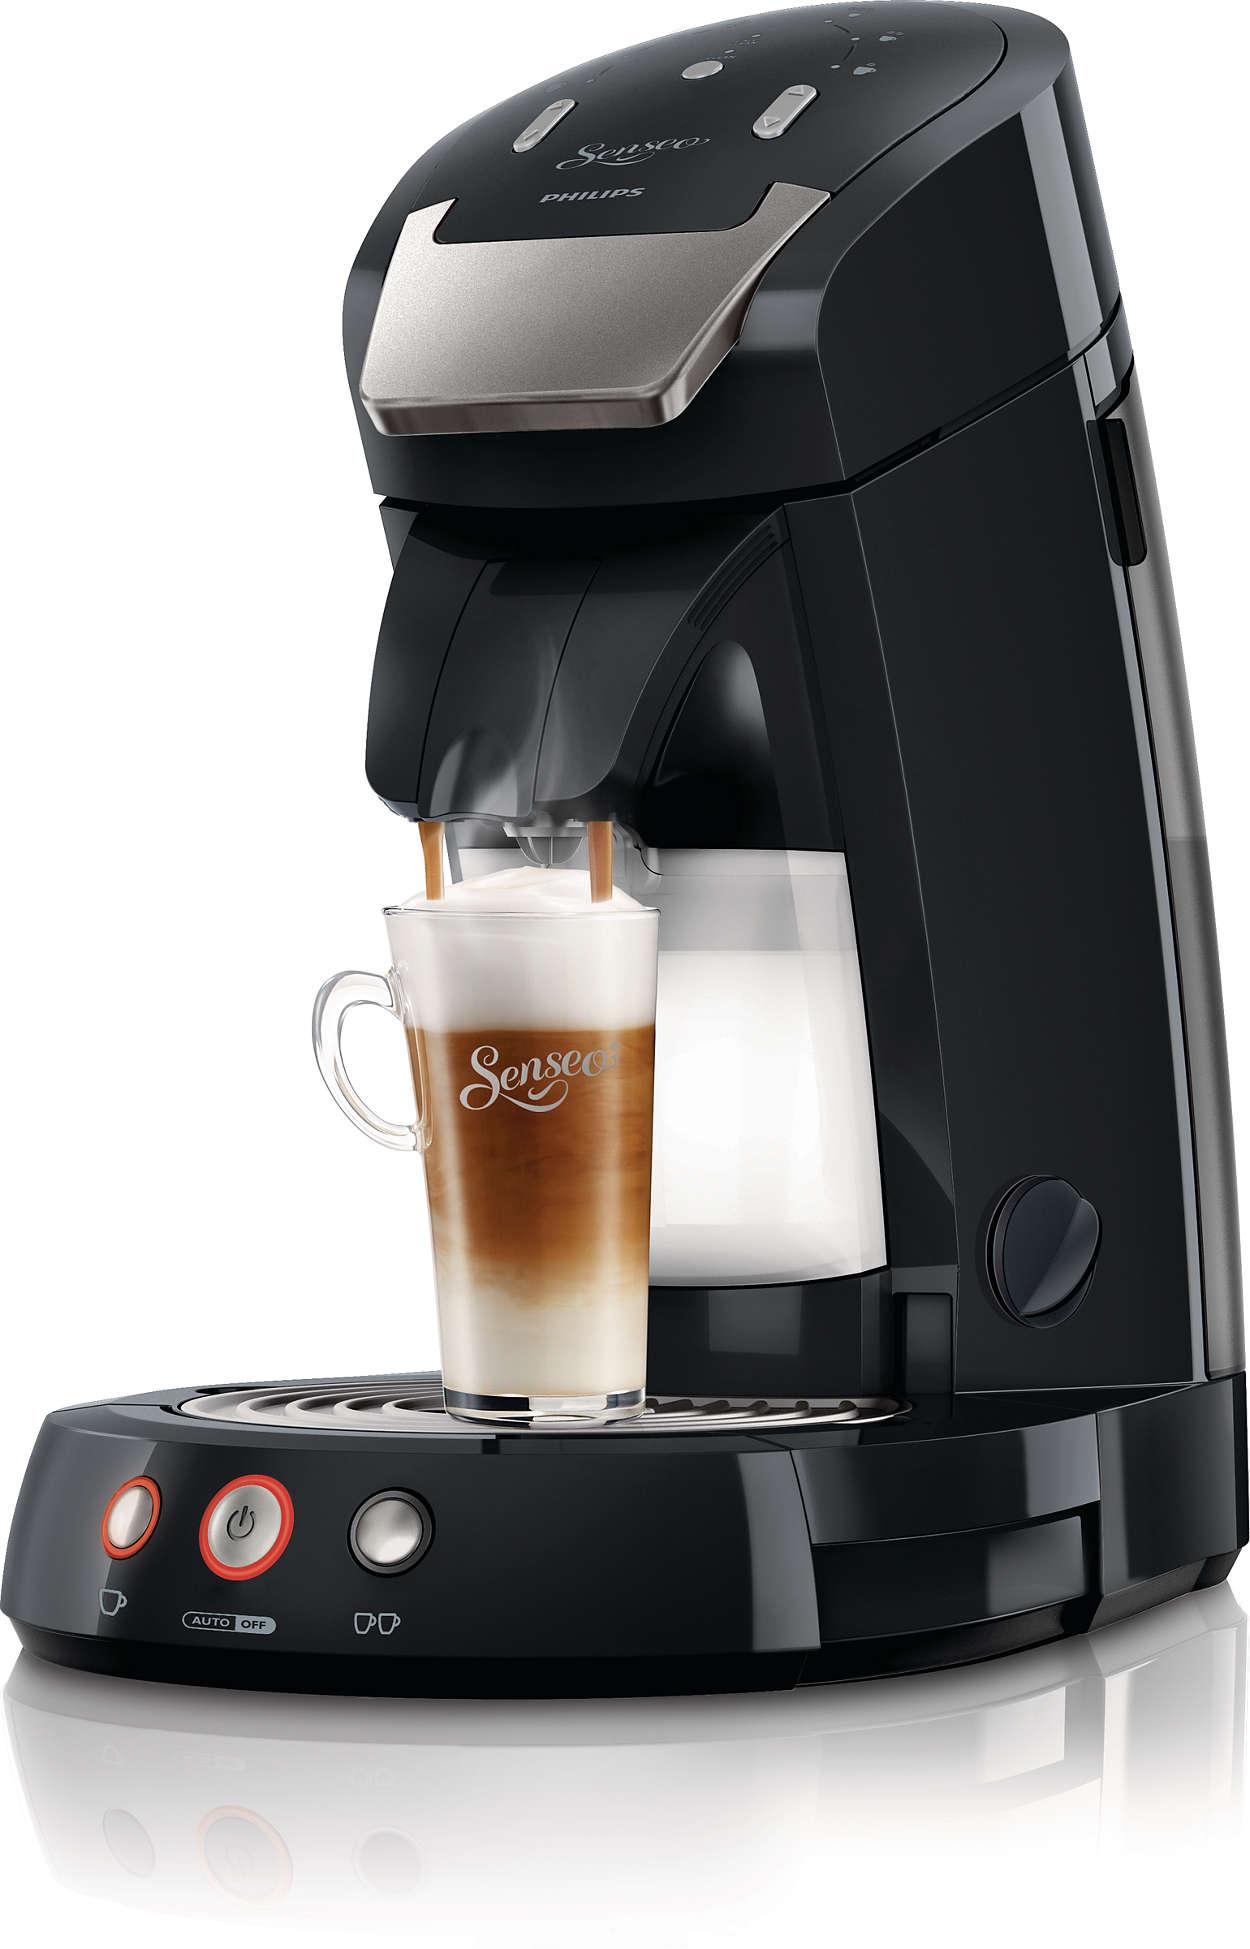 Die leckersten Cappuccinos werden mit frischer Milch zubereitet!